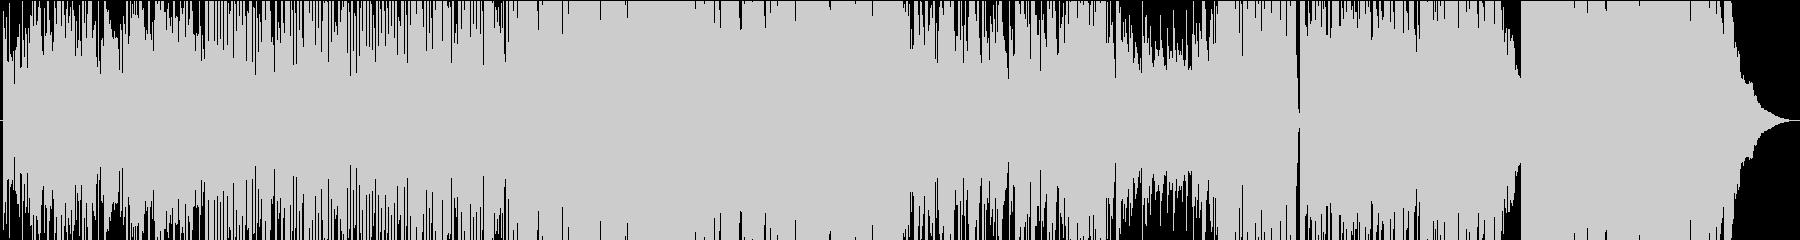 早弾きフィドルが楽しいカントリー楽曲の未再生の波形